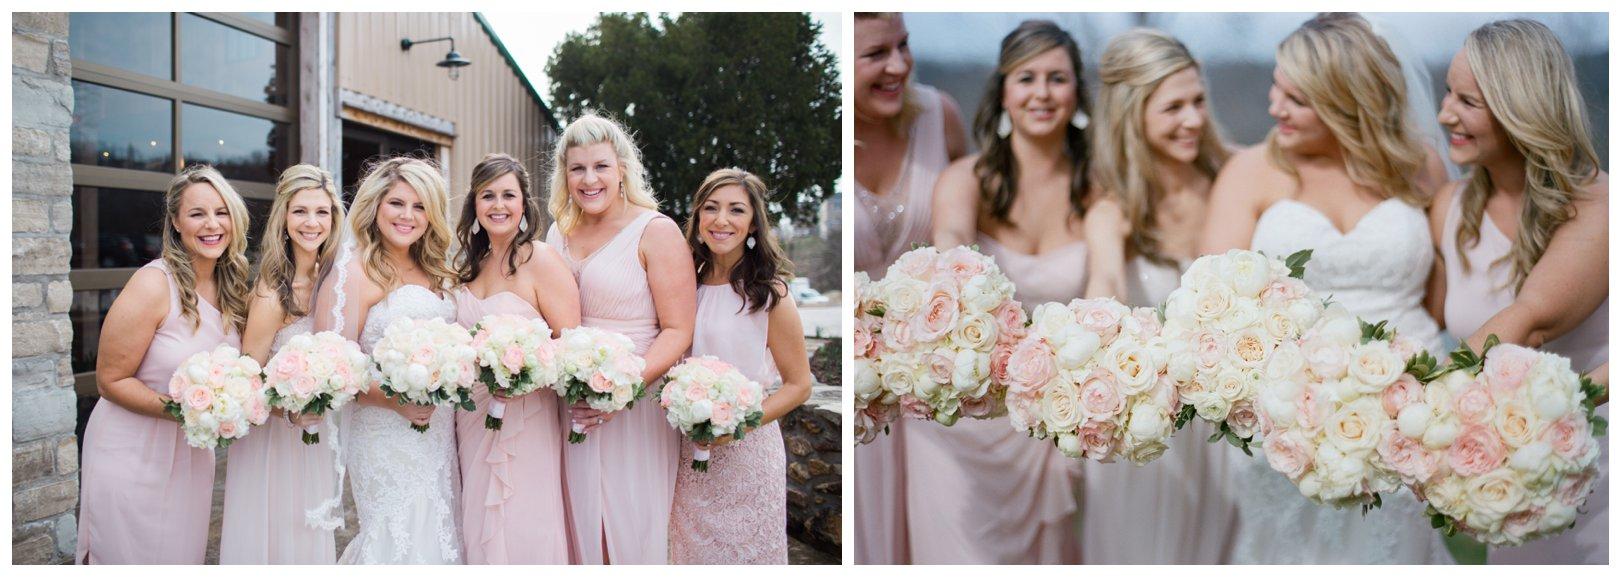 lauren muckler photography_fine art film wedding photography_st louis_photography_0976.jpg